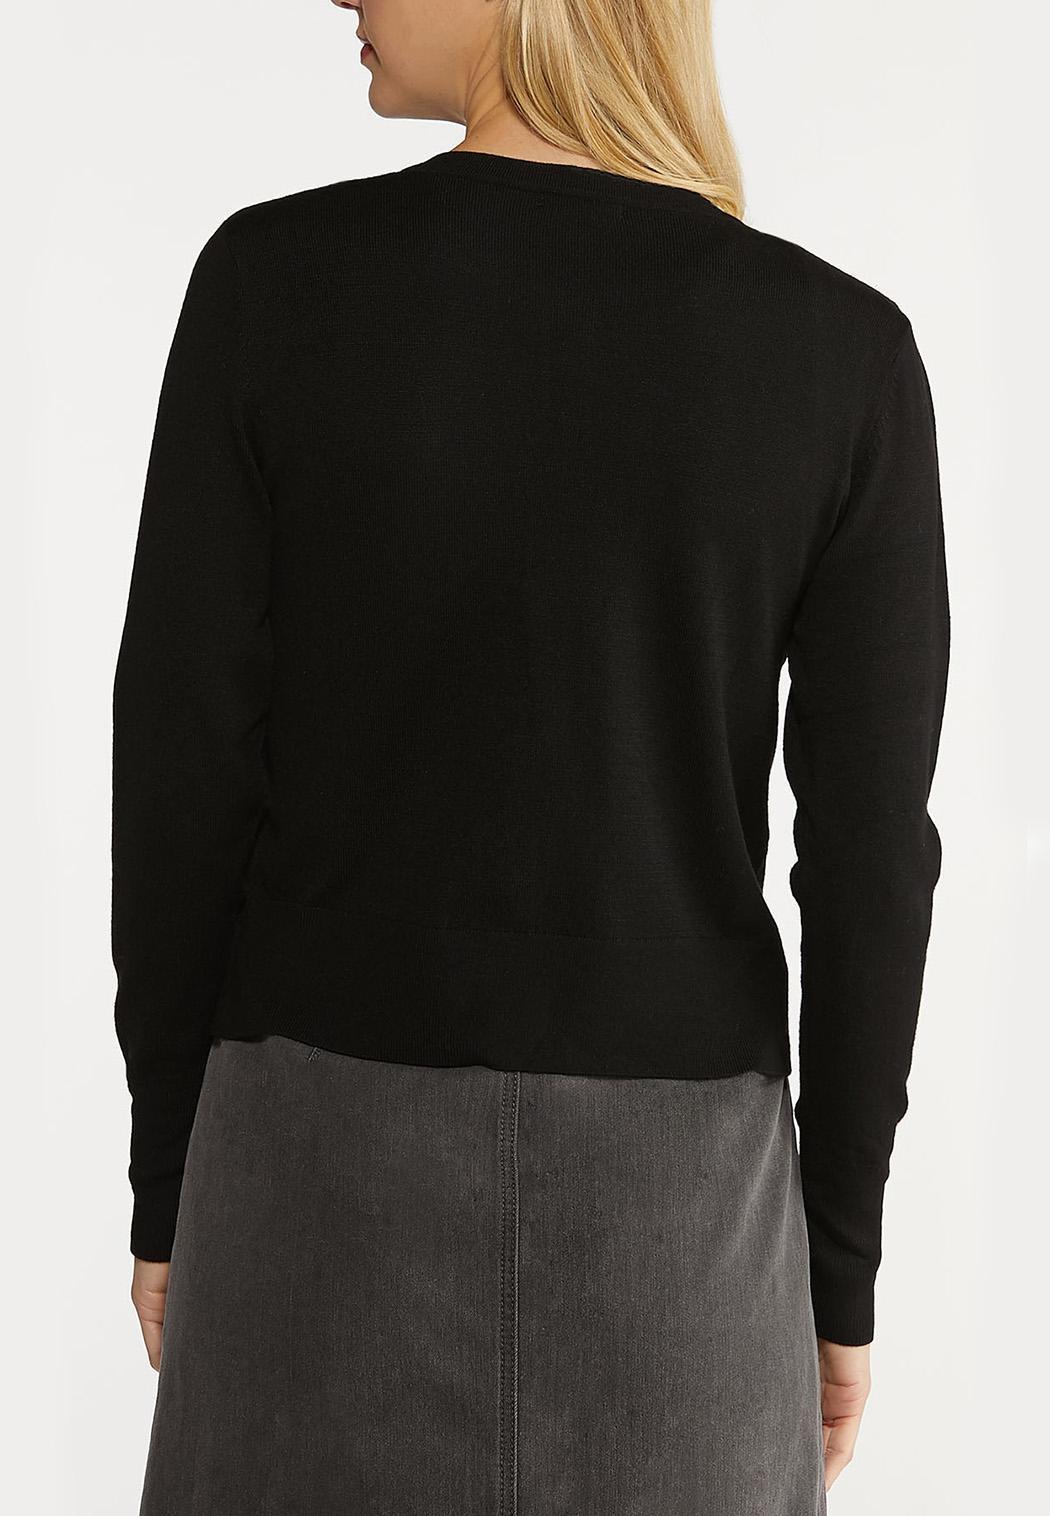 Essential Black Cardigan (Item #44109025)